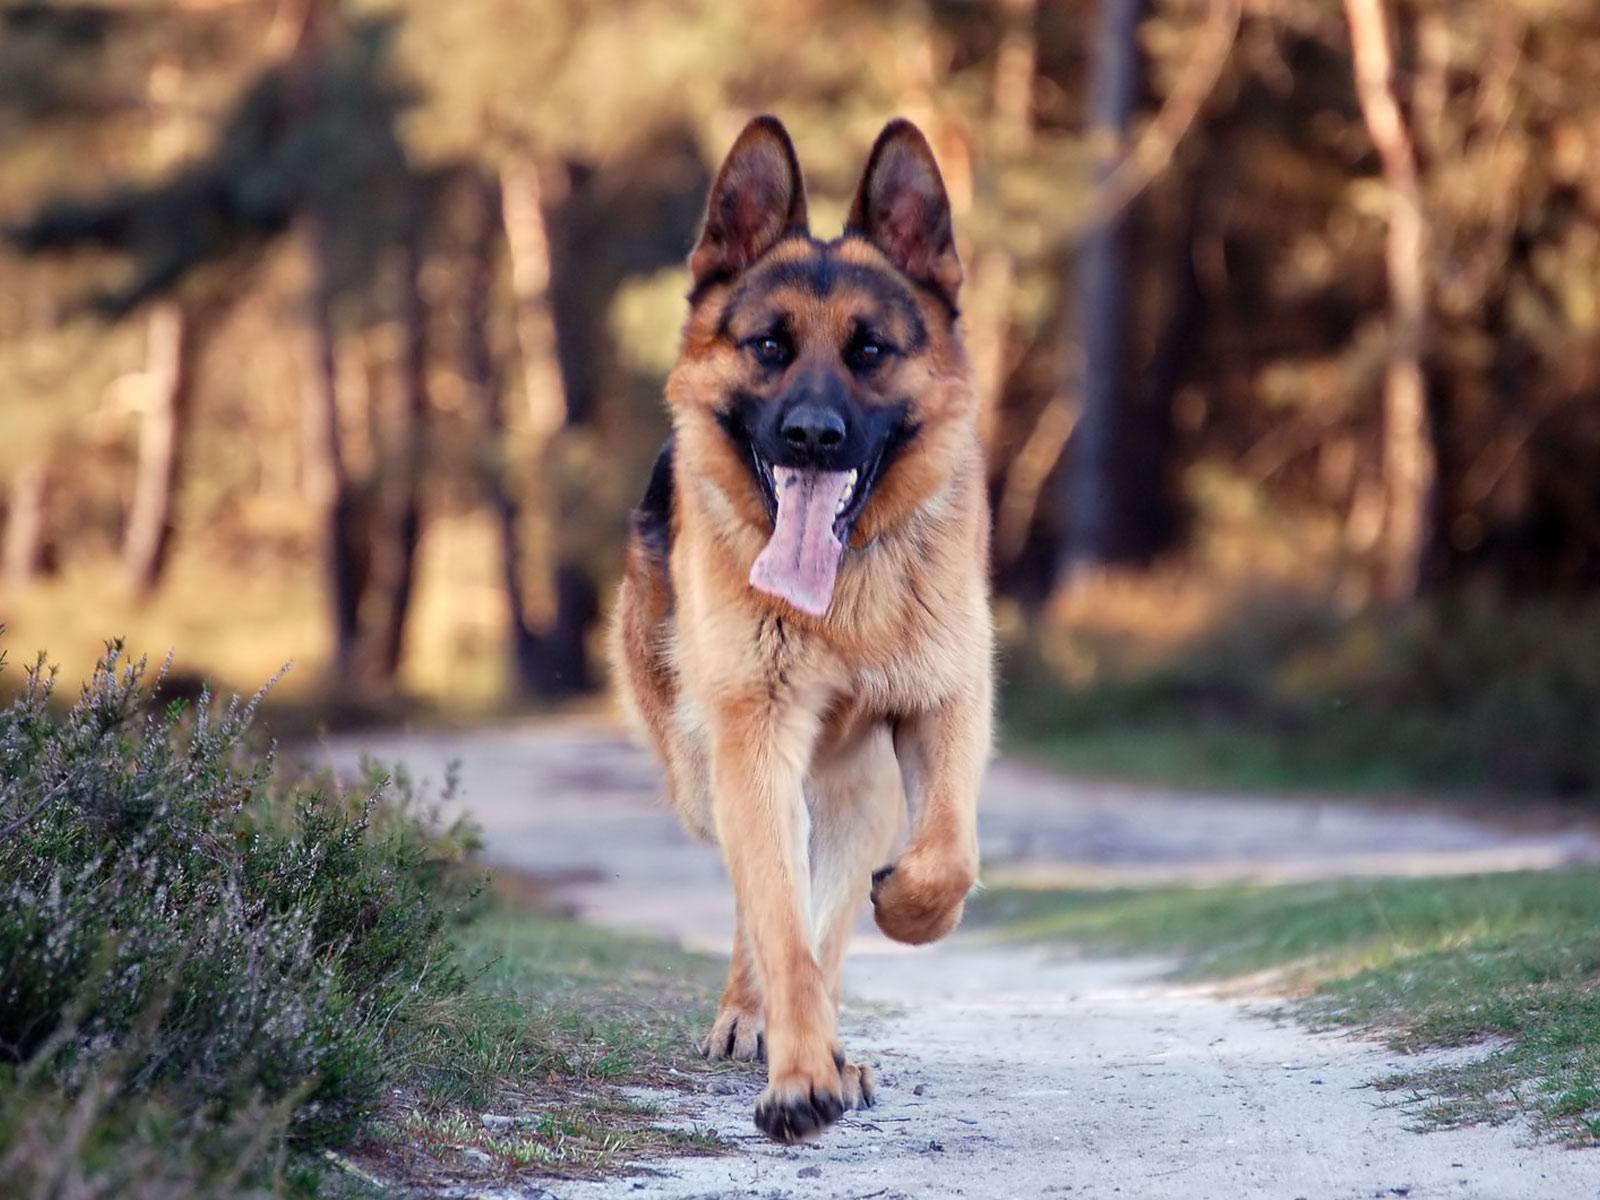 http://1.bp.blogspot.com/-8Ga9lfhVx9M/UY9YKyHrbyI/AAAAAAAAIxo/MOPv96ngGBQ/s1600/German+Shepherd+Dog+hd+Wallpaper+2013+01.jpg